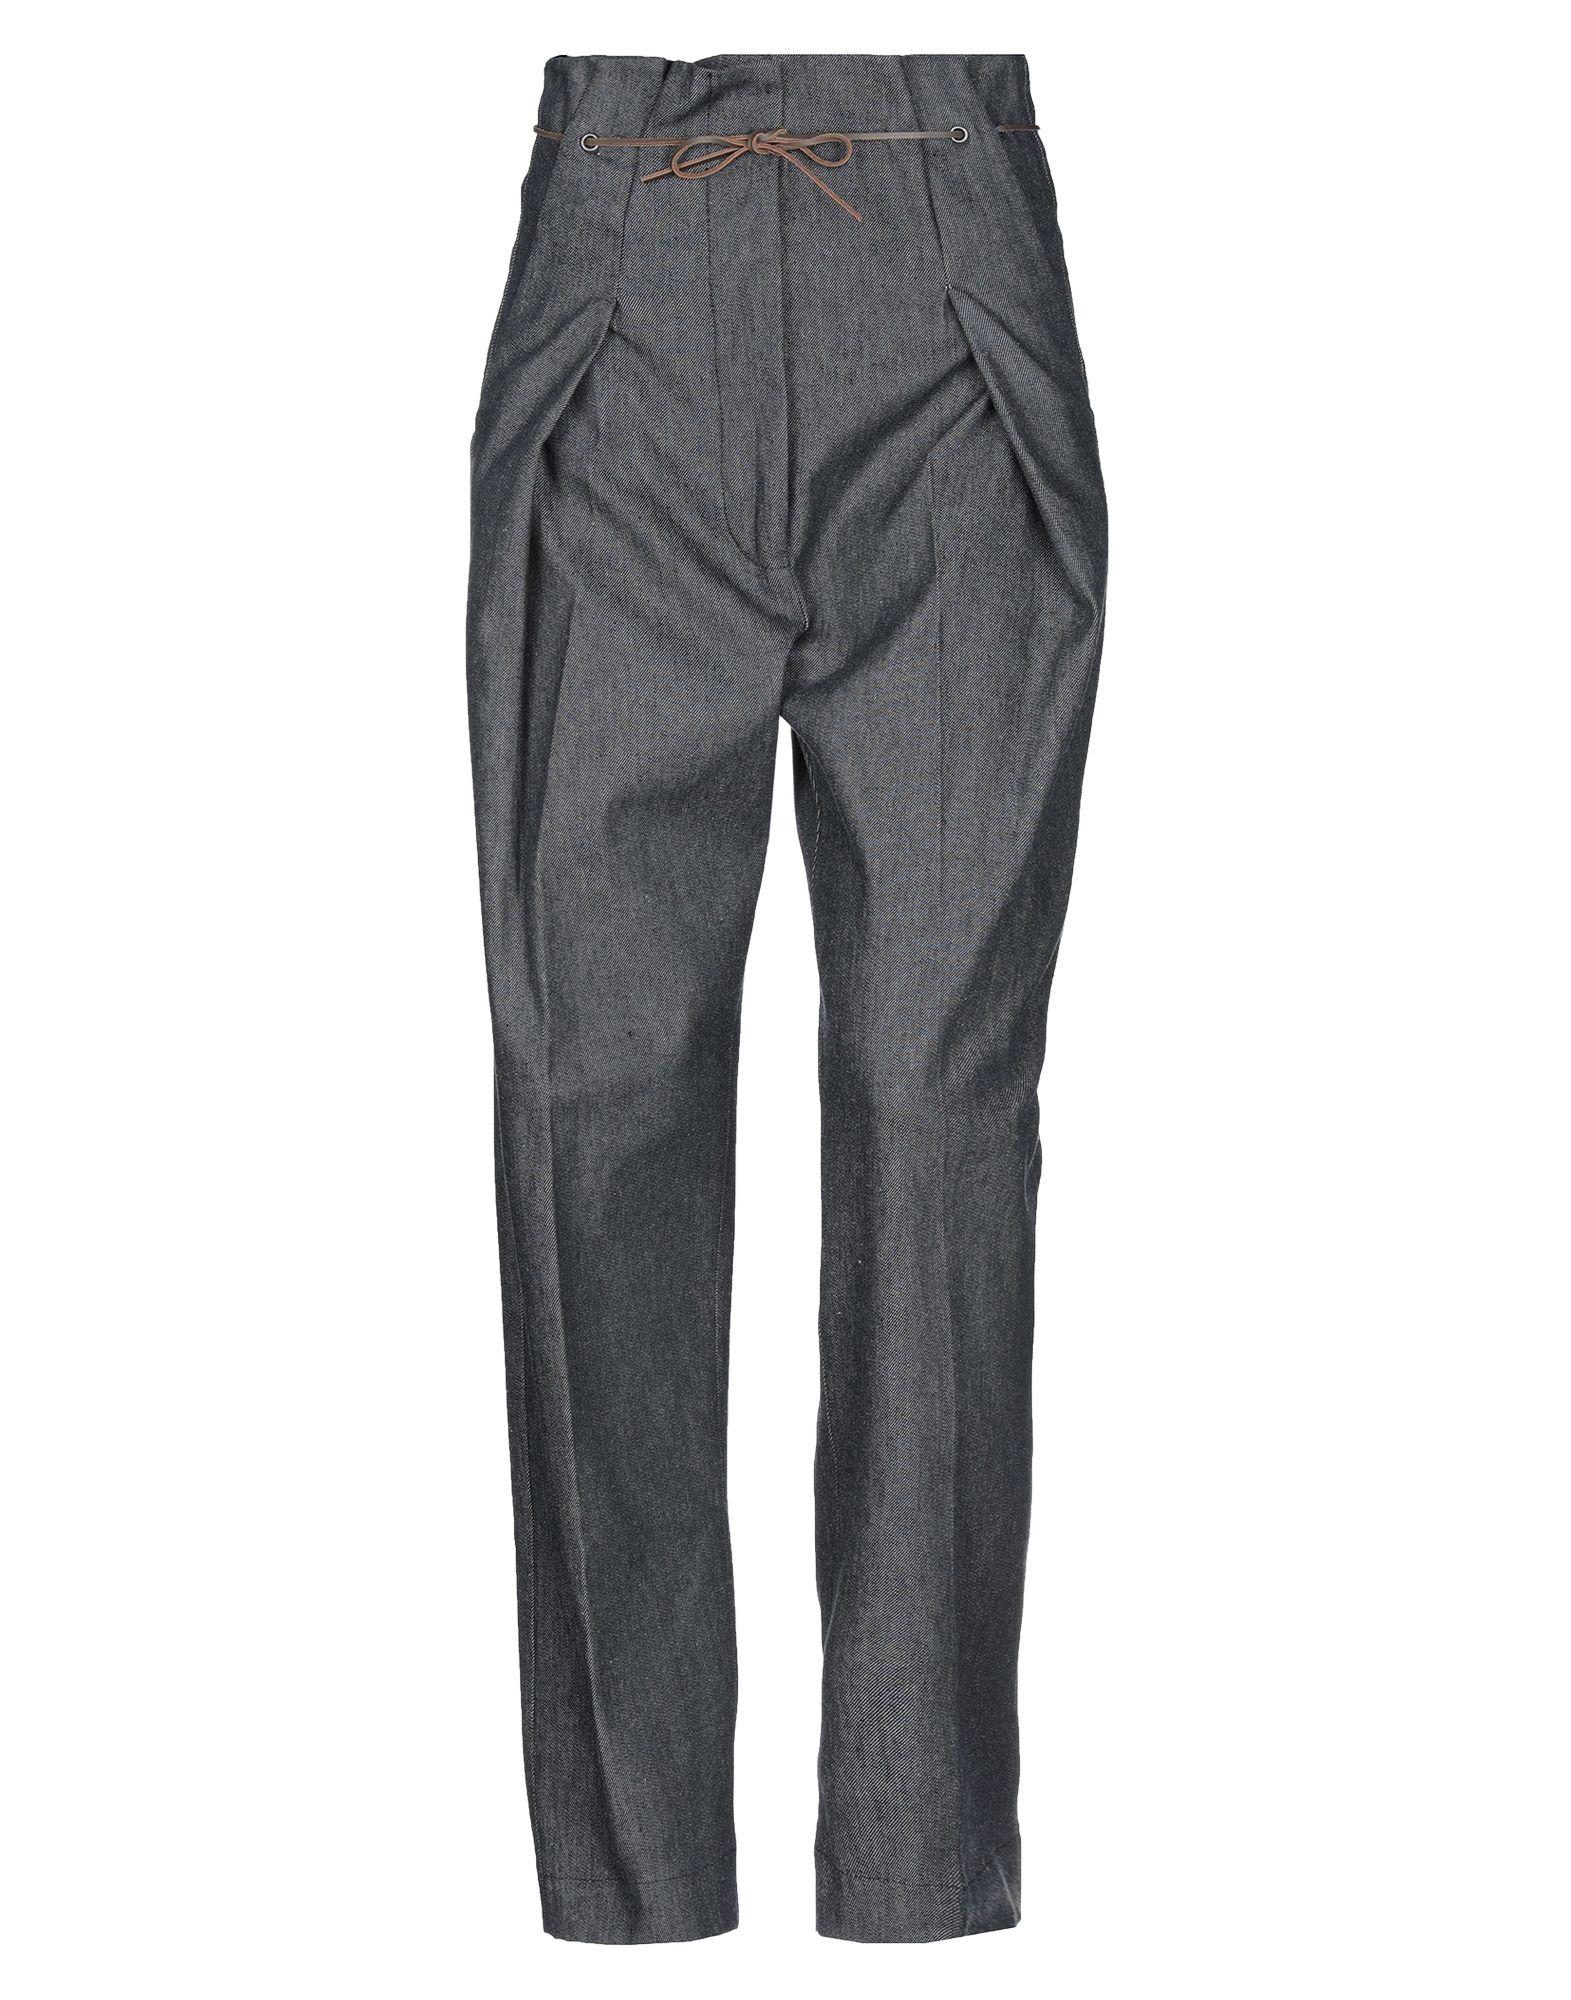 TRUE NYC® Джинсовые брюки true nyc® пиджак